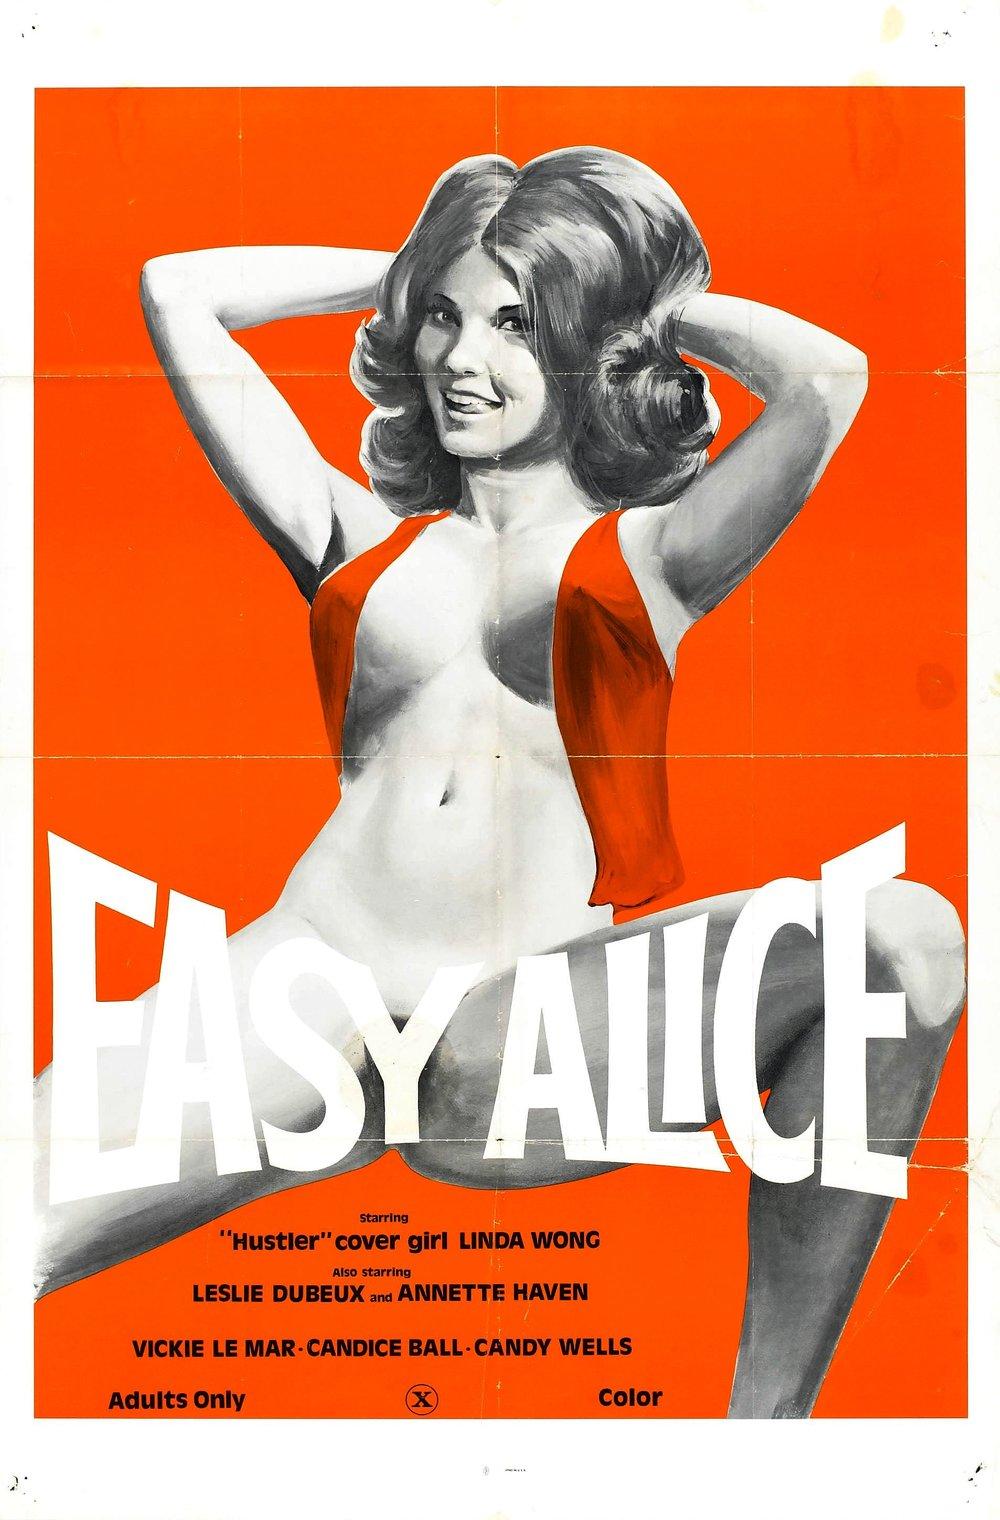 easy_alice_poster_01.jpg